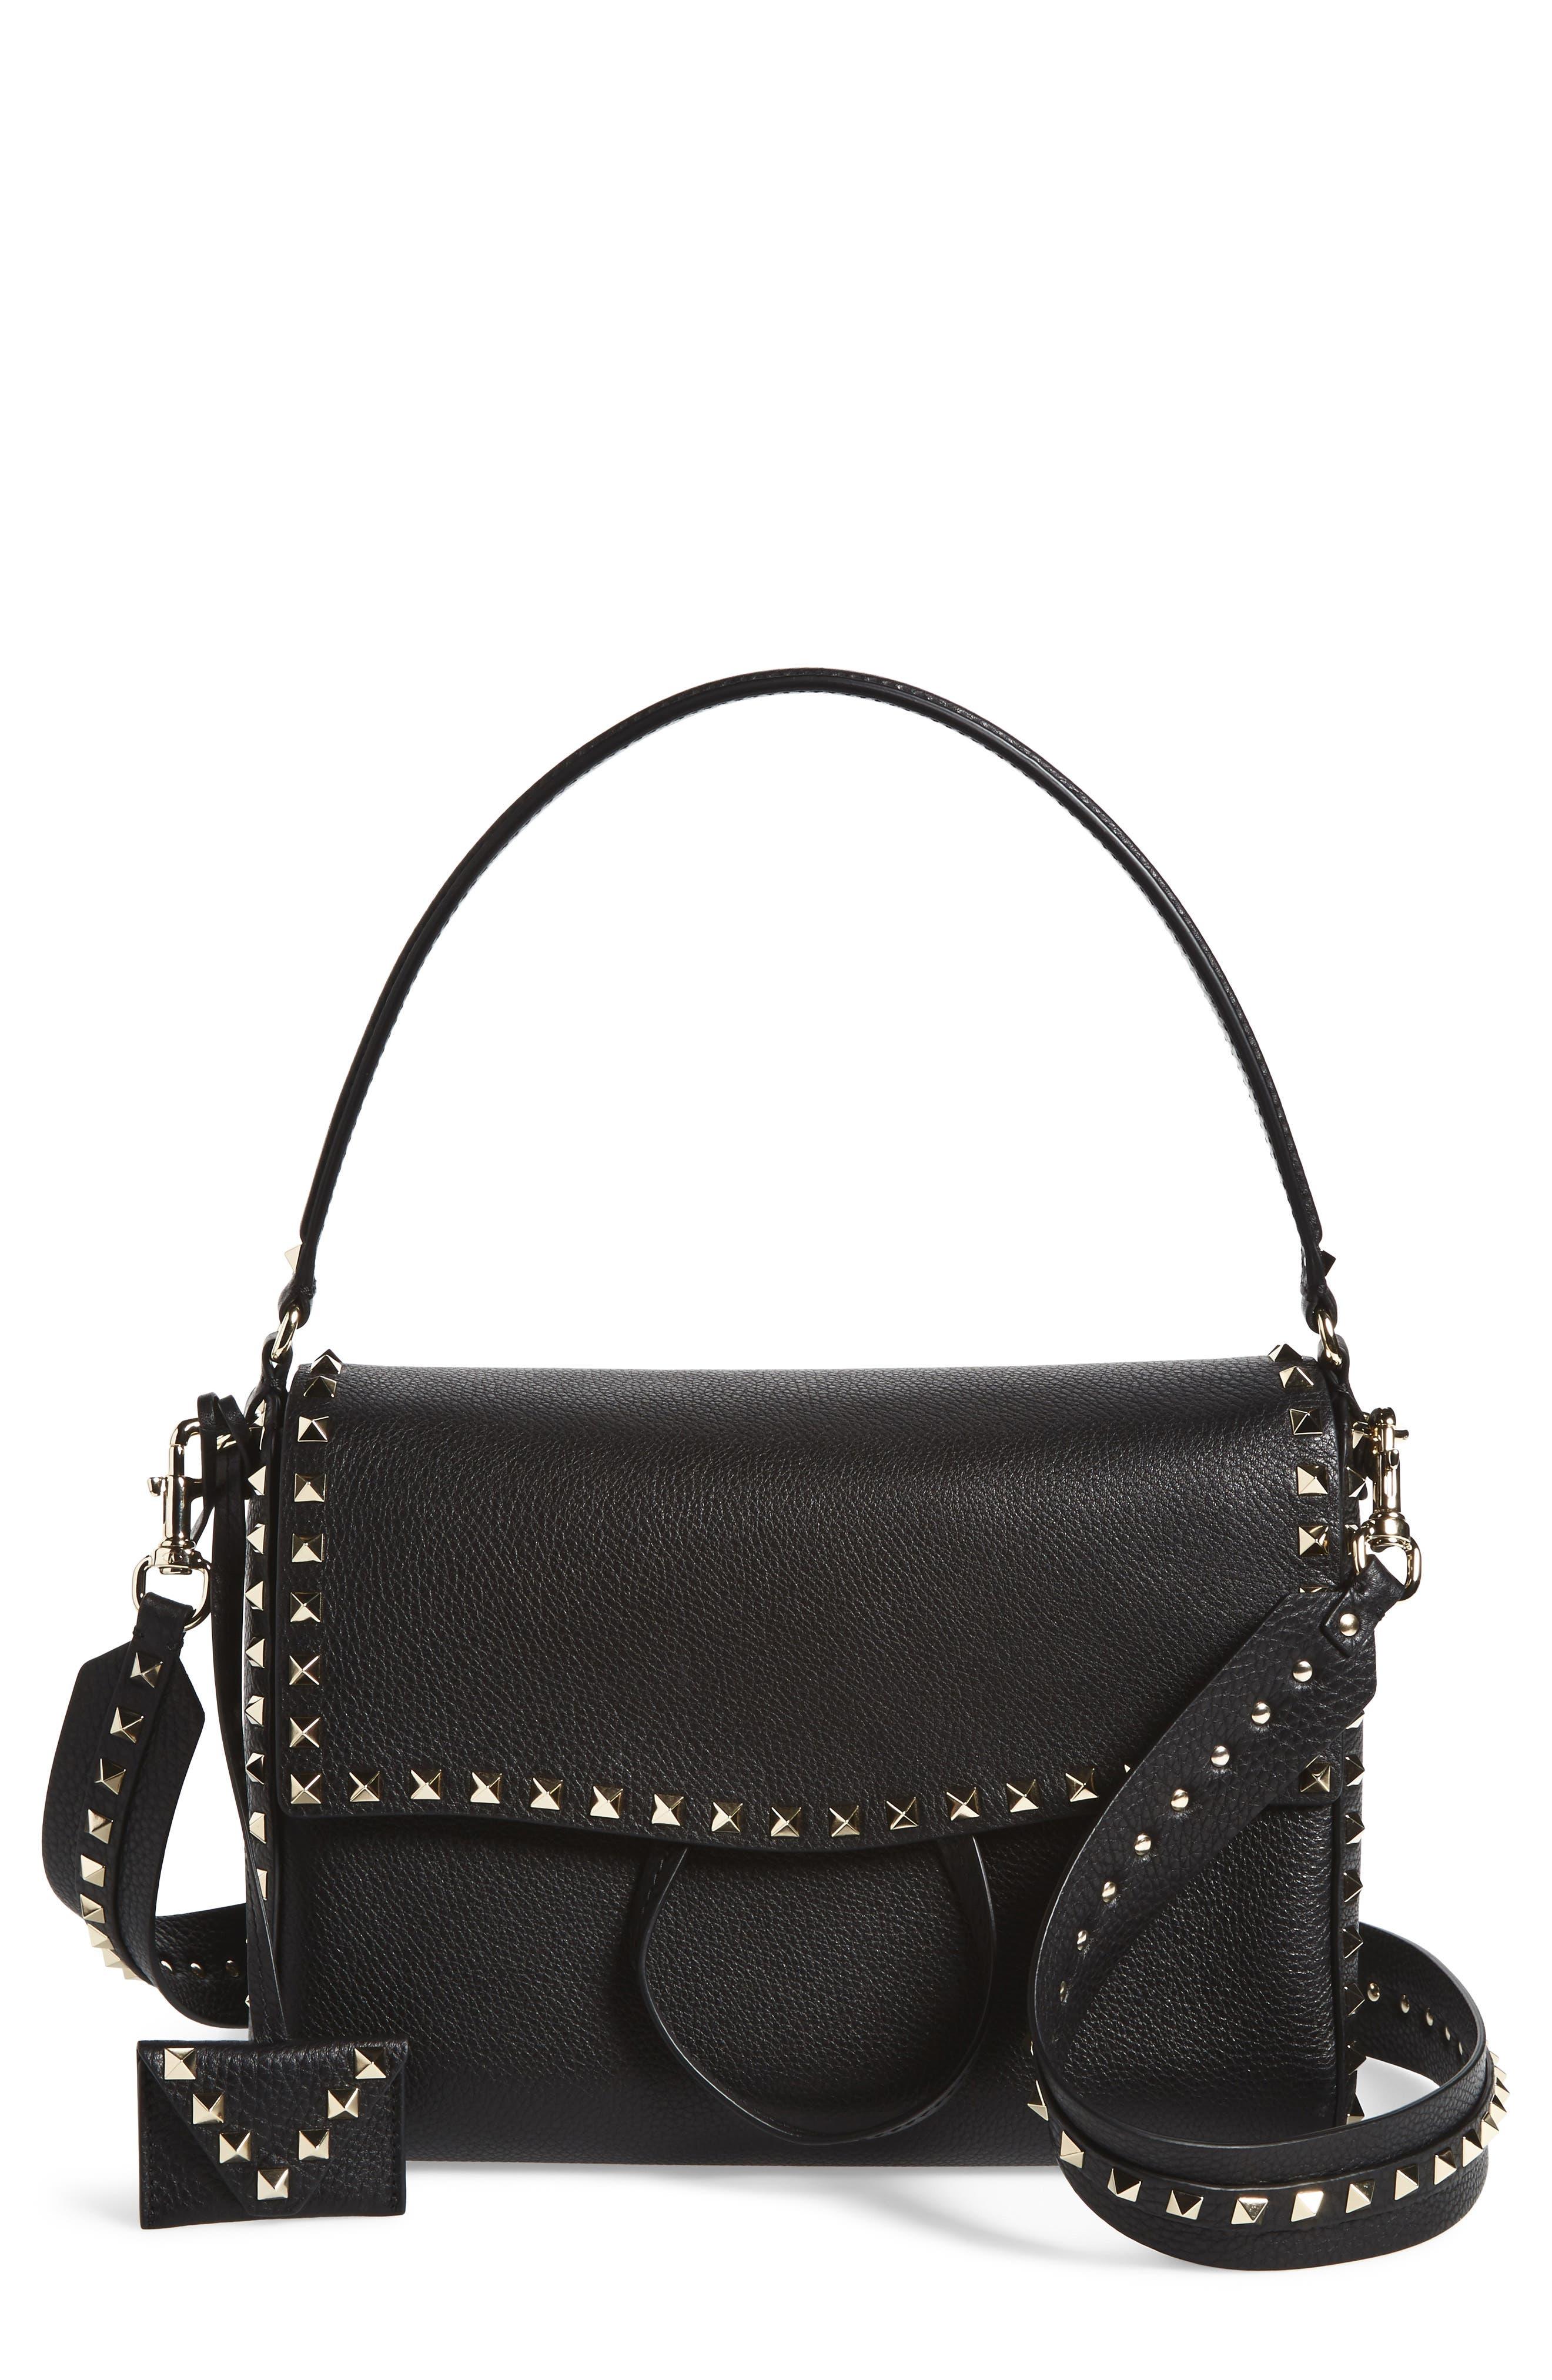 Medium Rockstud Leather Shoulder Bag,                         Main,                         color, 001